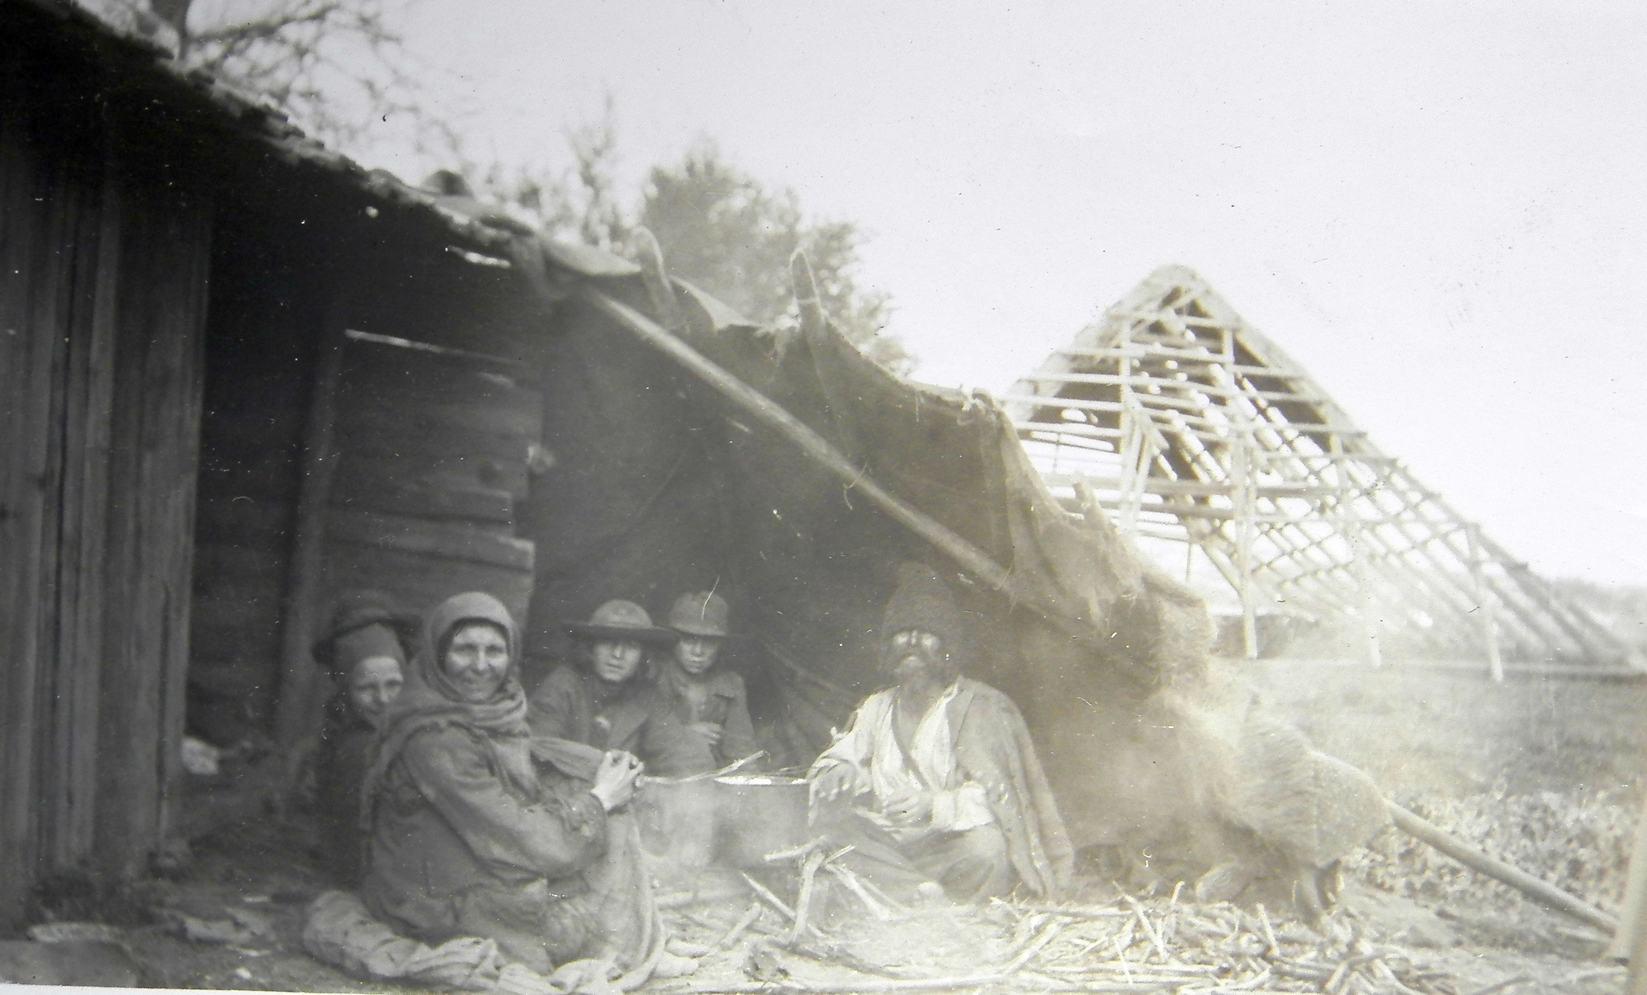 Șatră de țigani în România în jurul anului 1900